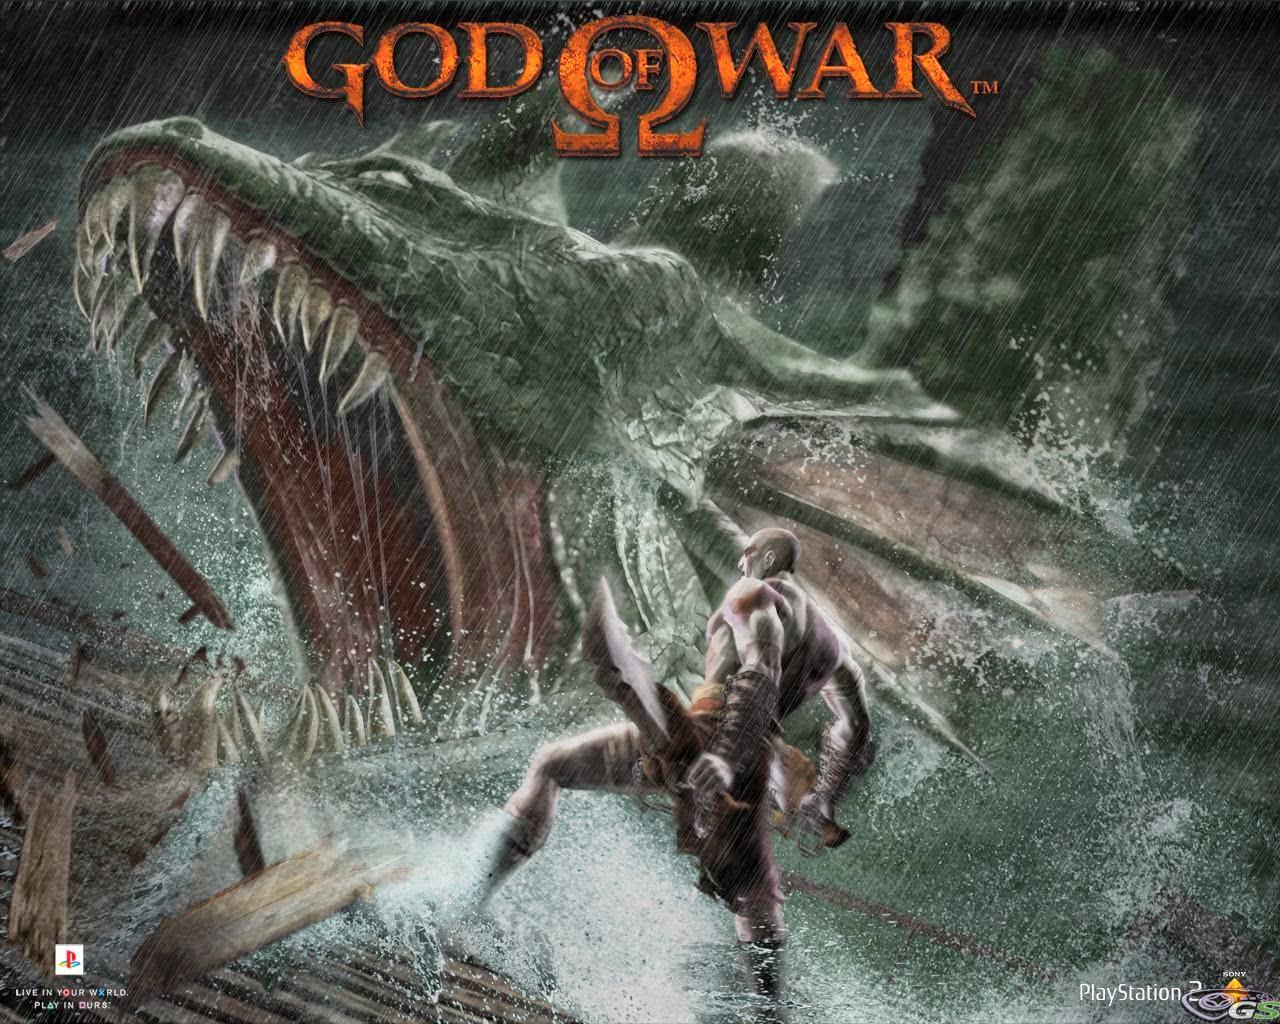 GOD OF WARS GAME